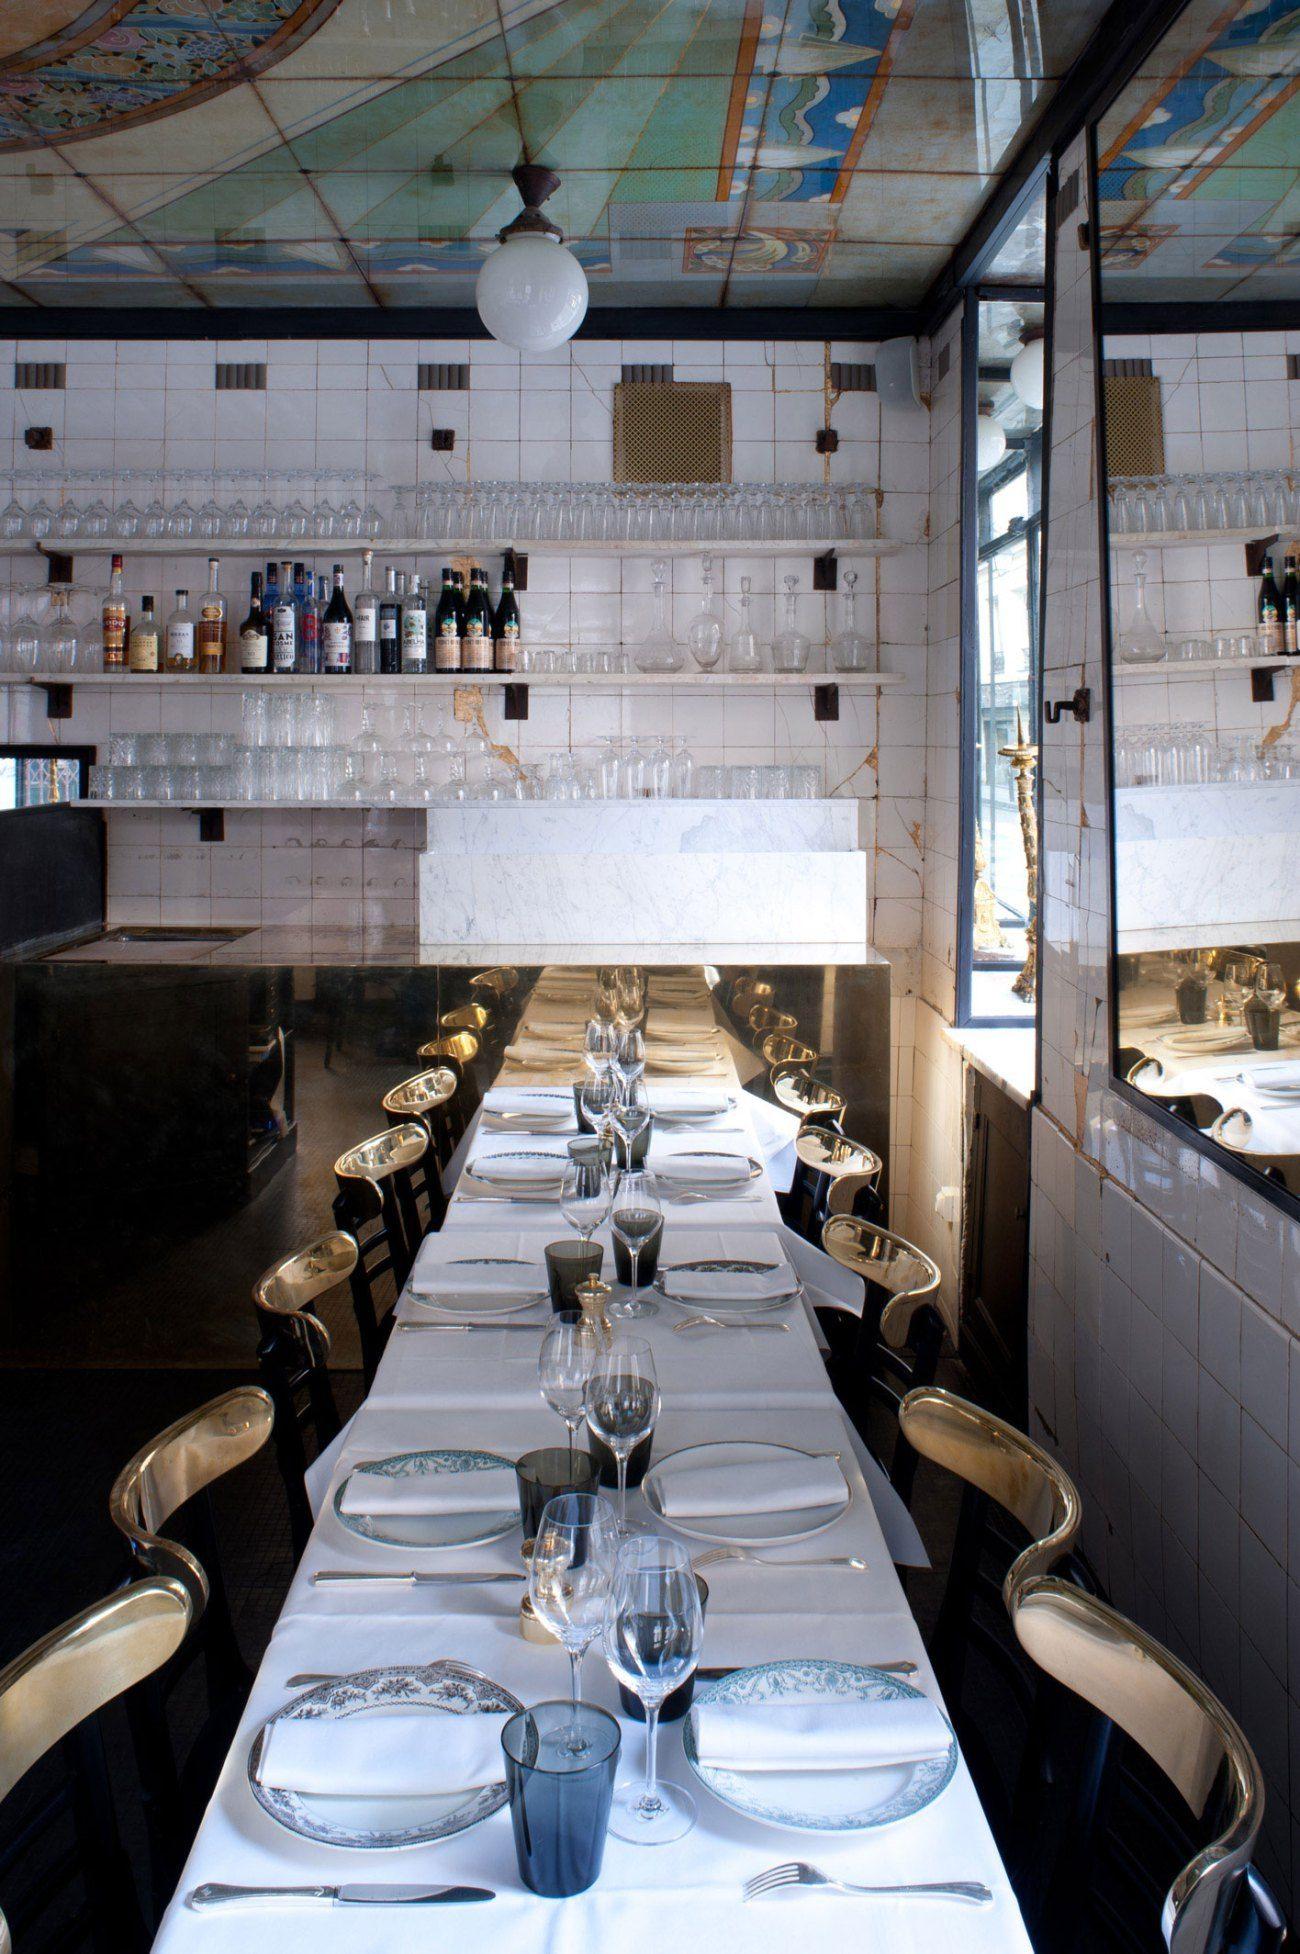 Anahi Restaurant Paris Selected By La Chaise Bleue Lachaisebleue Com Via Yatzer Design Ristorante Ristoranti Parigi Design Per Interni Ristorante